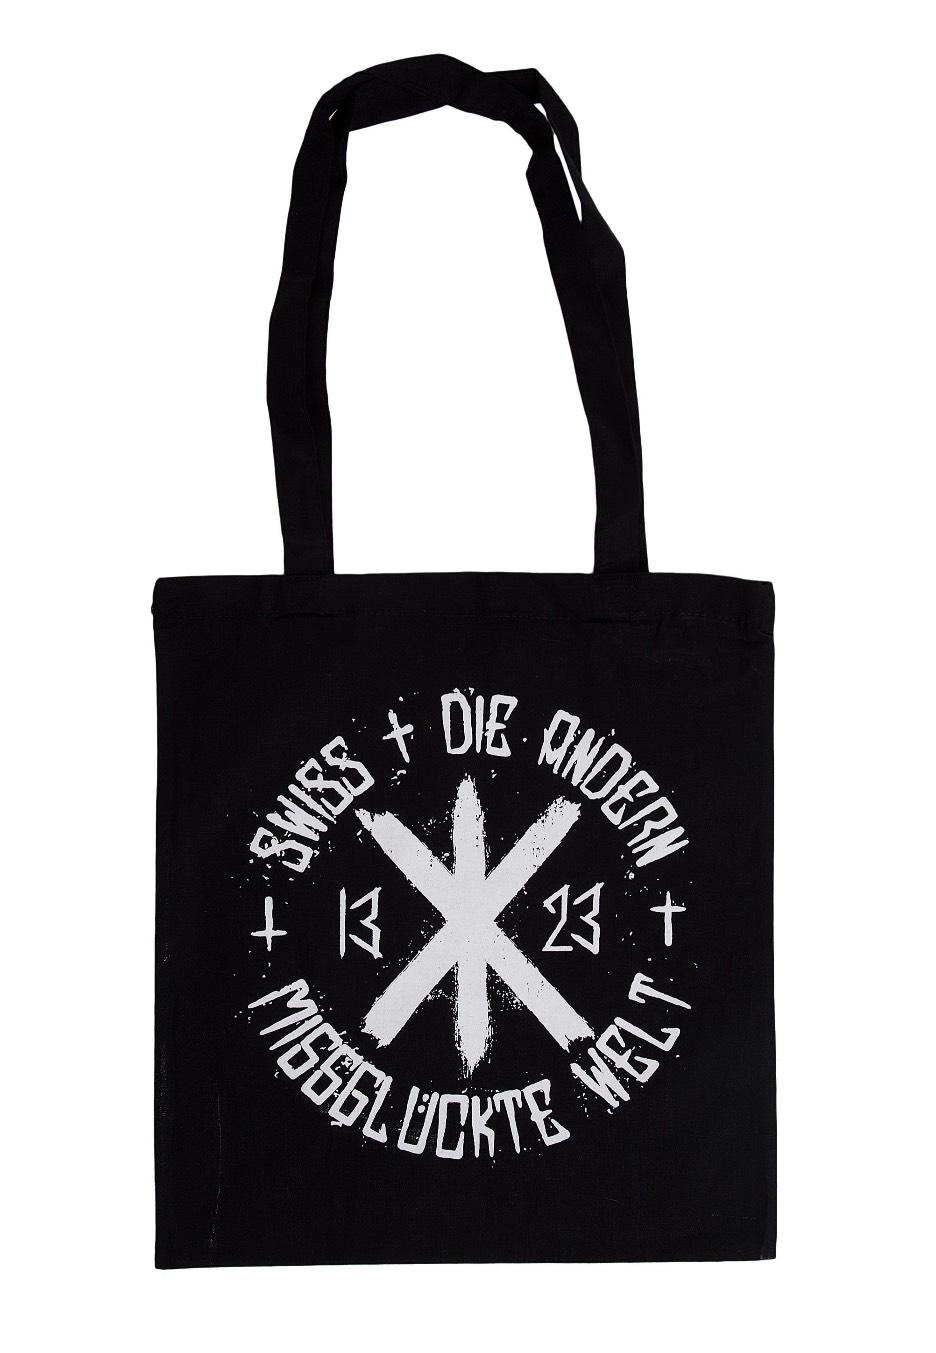 Swiss + Die Andern - 1323 X - Tote Bag